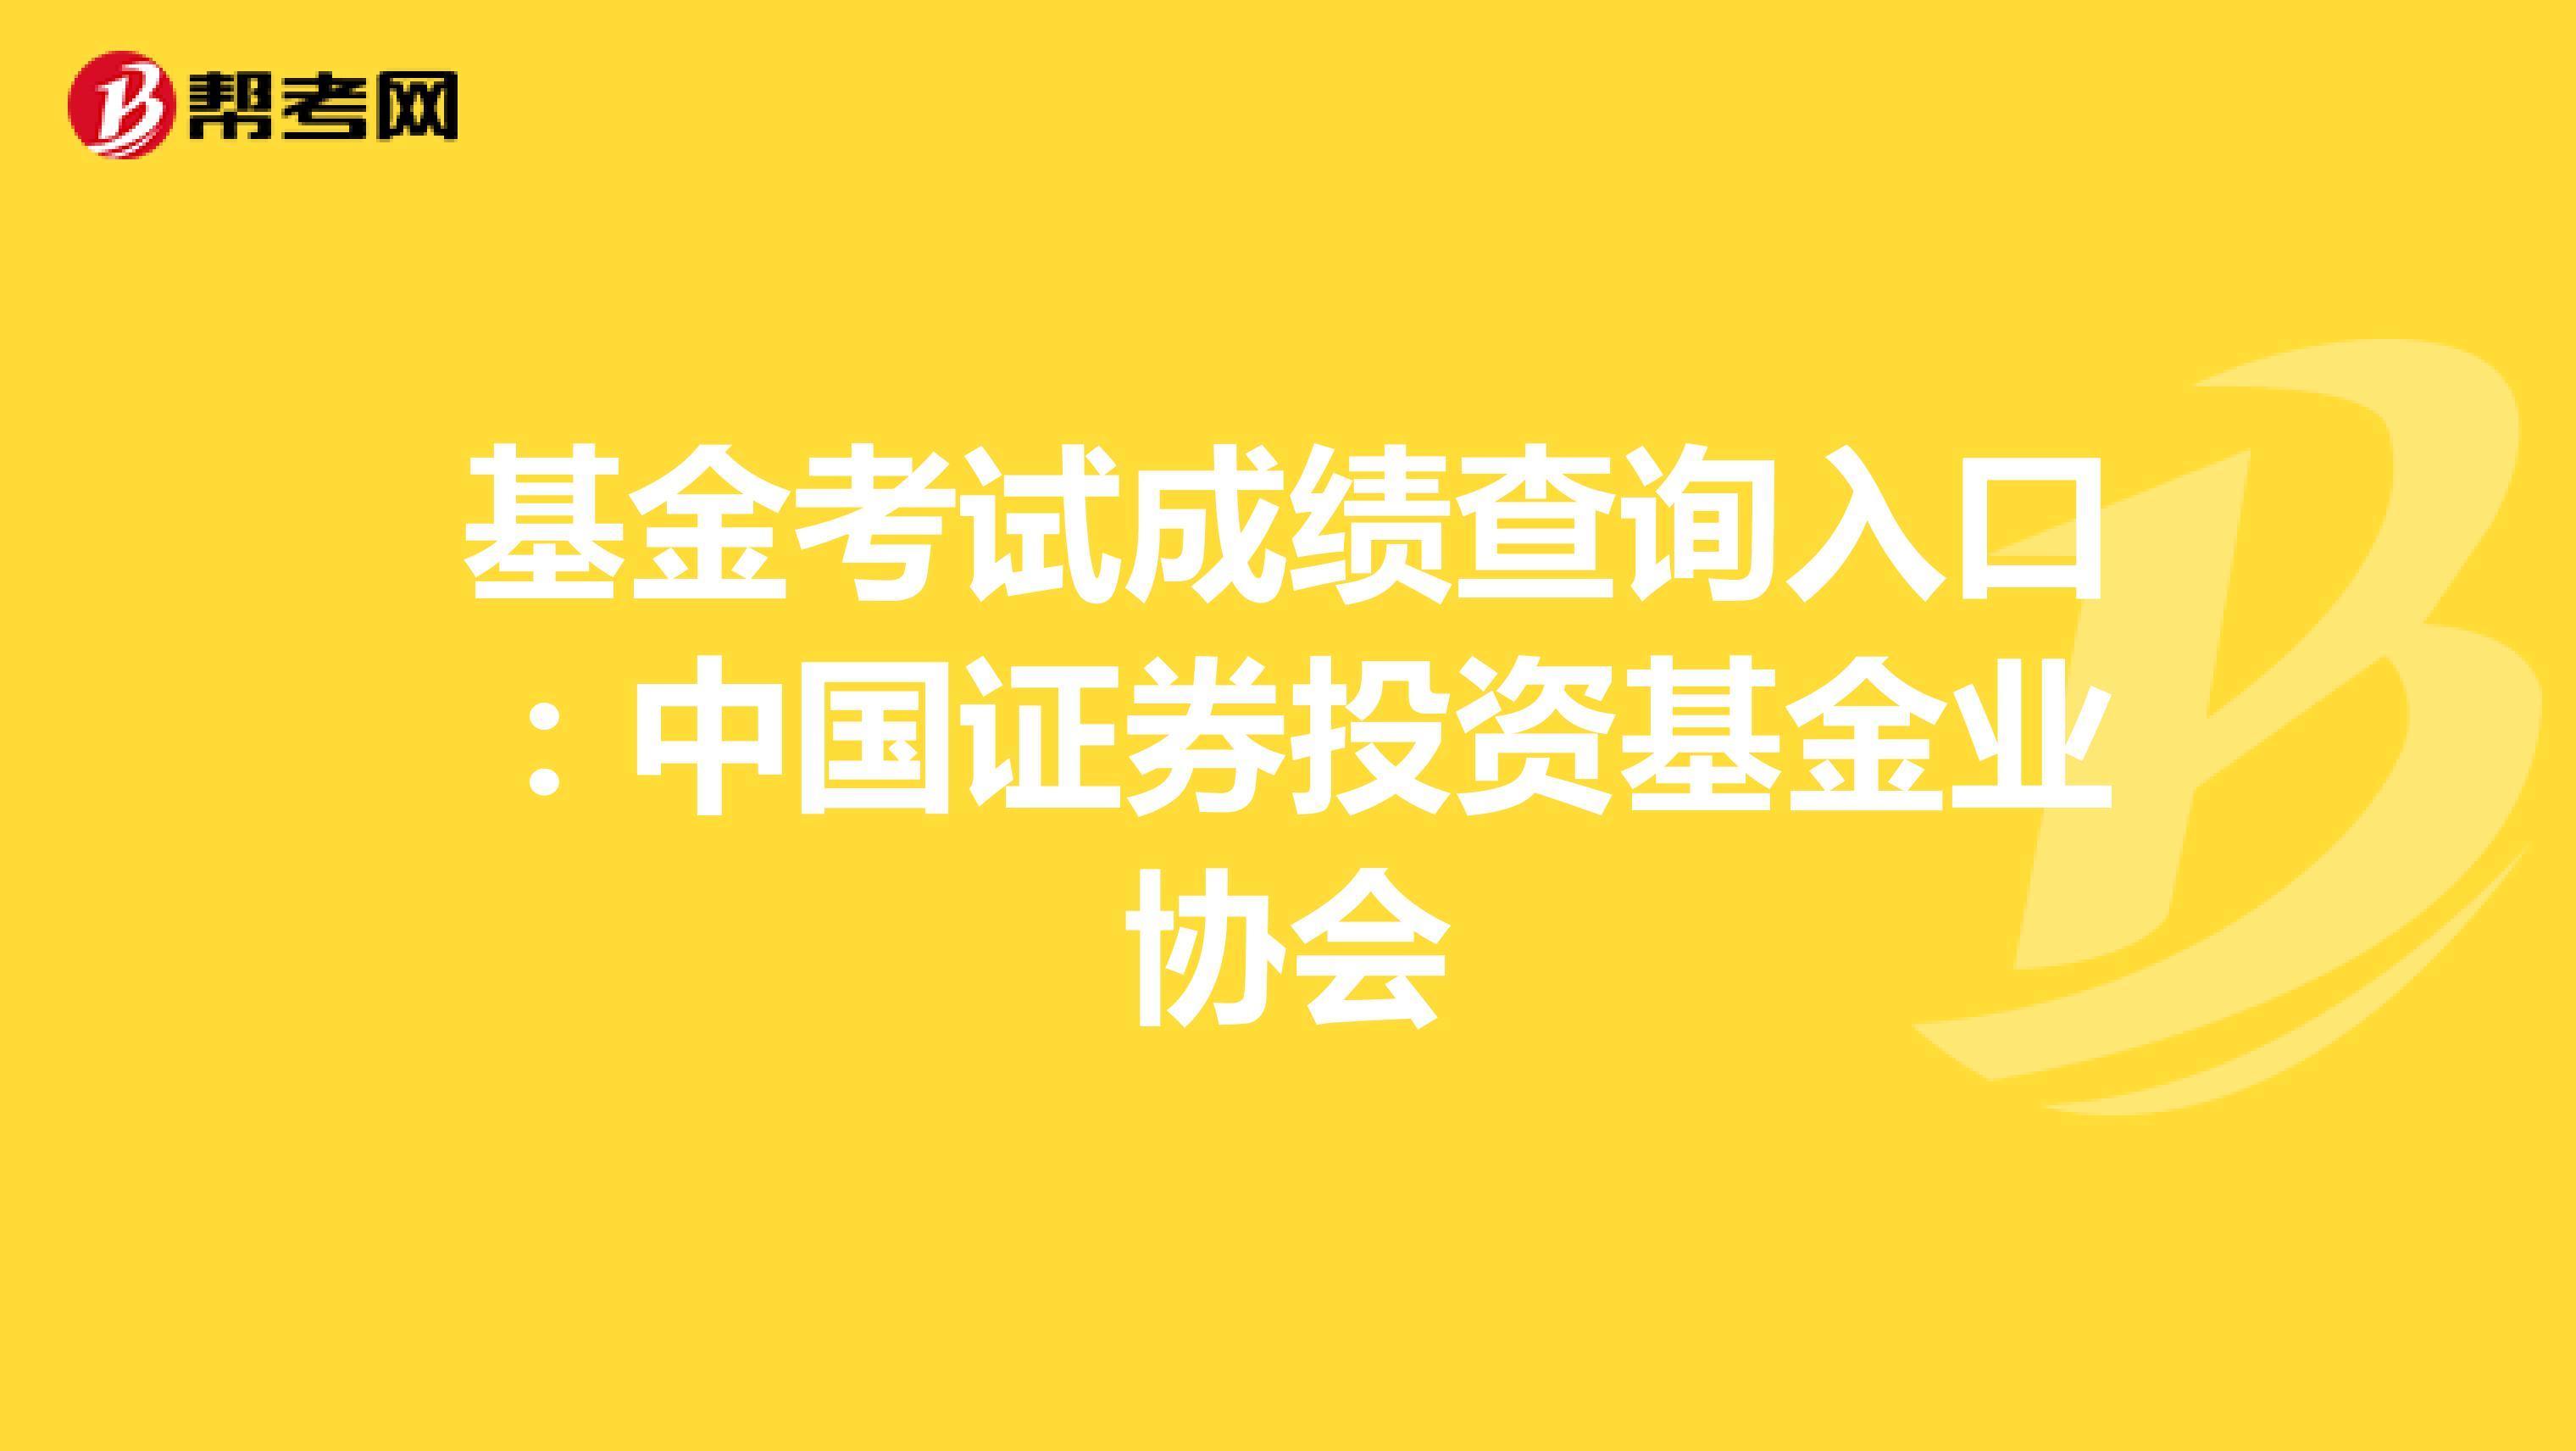 基金考试成绩查询入口:中国证券投资基金业协会